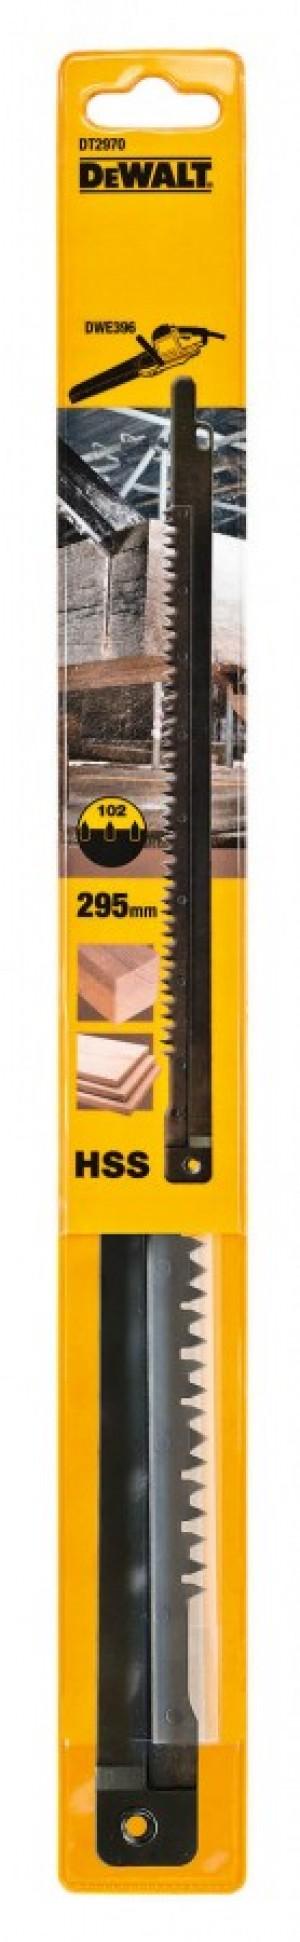 DEWALT Spezialsaegeblätter 295mm für DWE396